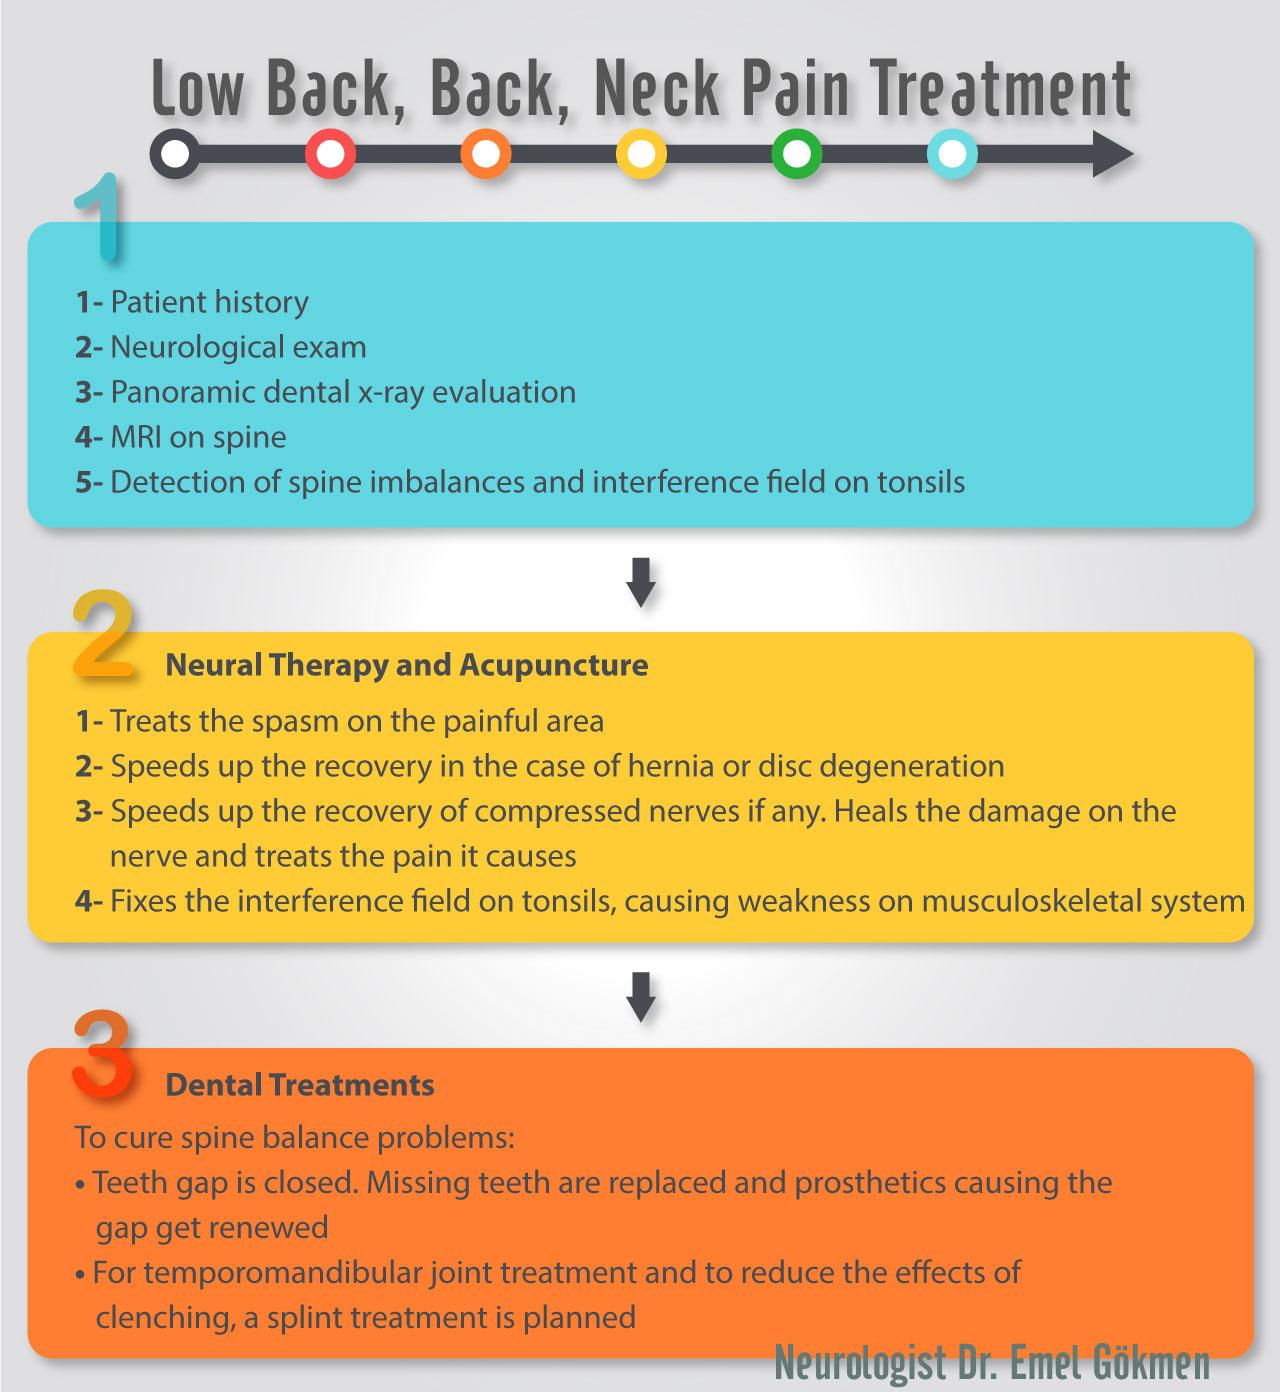 Back pain treatment infographic Dr. Emel Gokmen